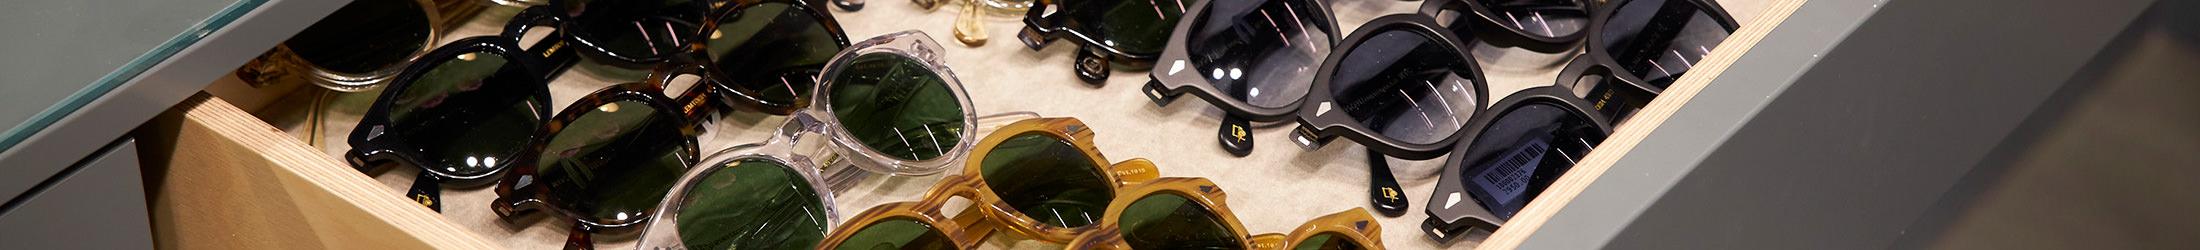 Moscot glasögon